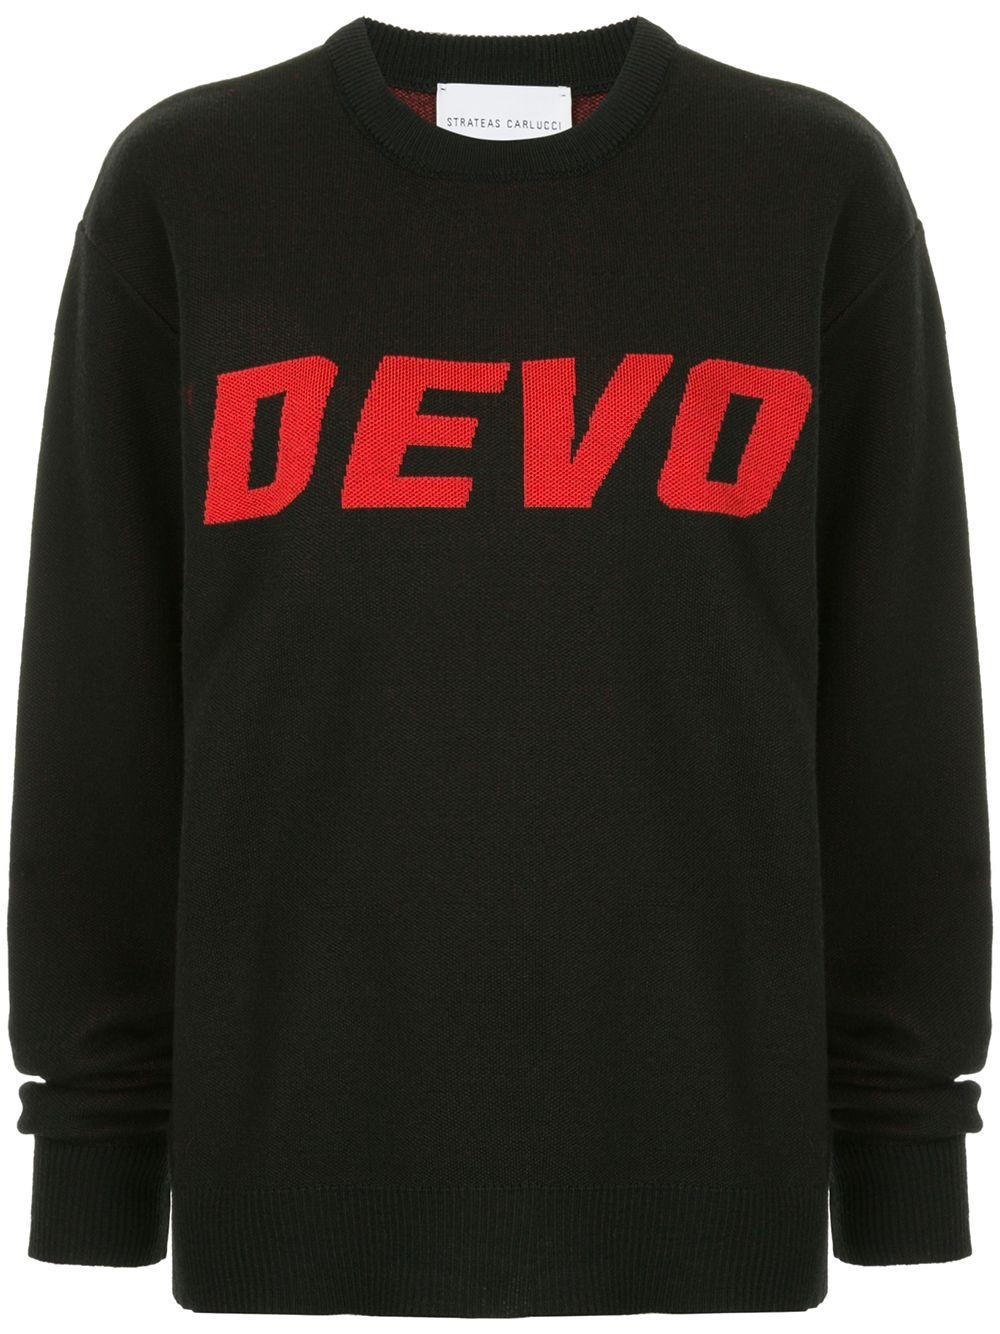 Strateas Carlucci | трикотажный свитер 'Devo' | Clouty